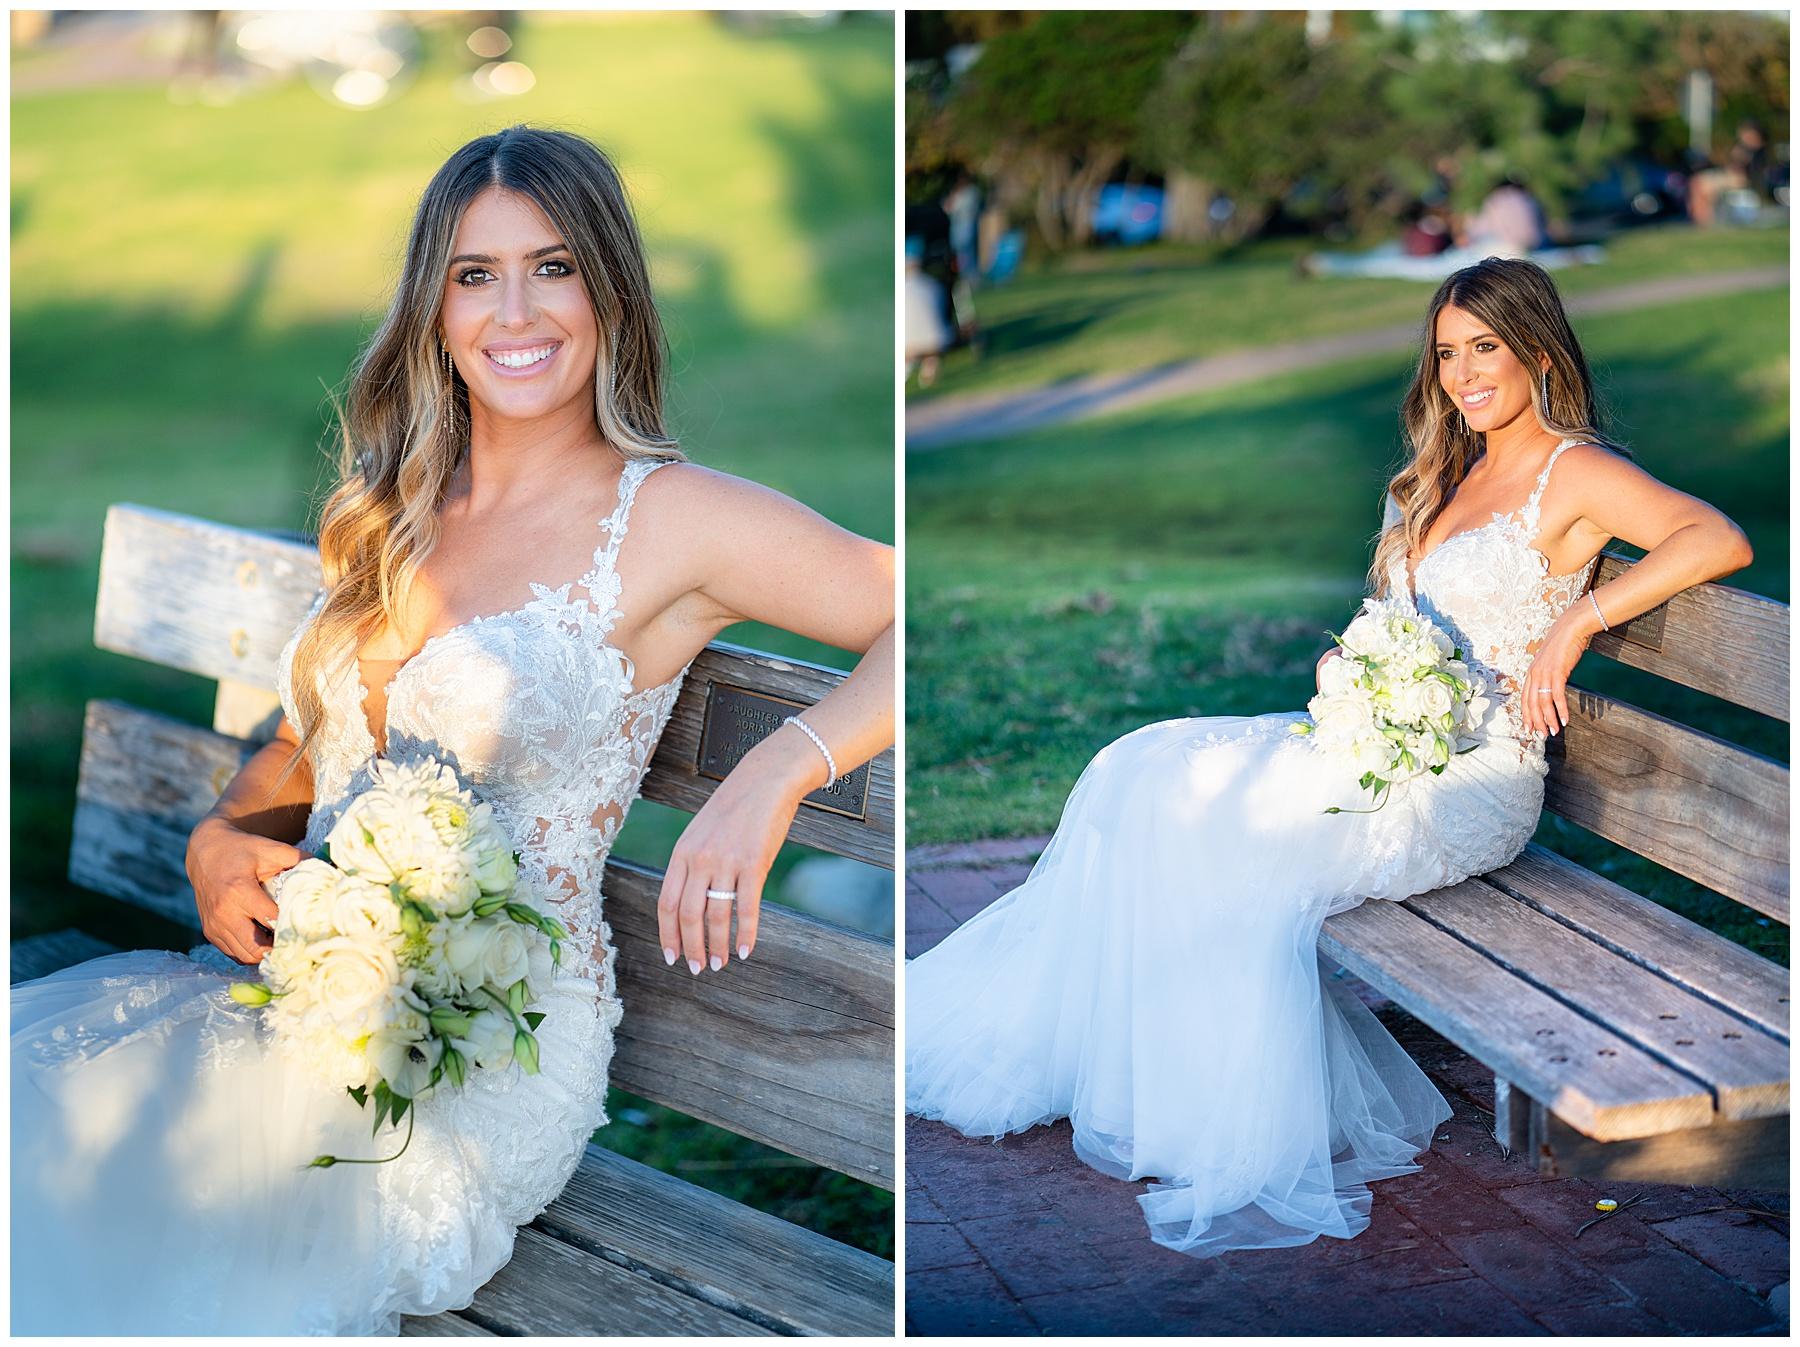 seagrove park del mar wedding bride on bench